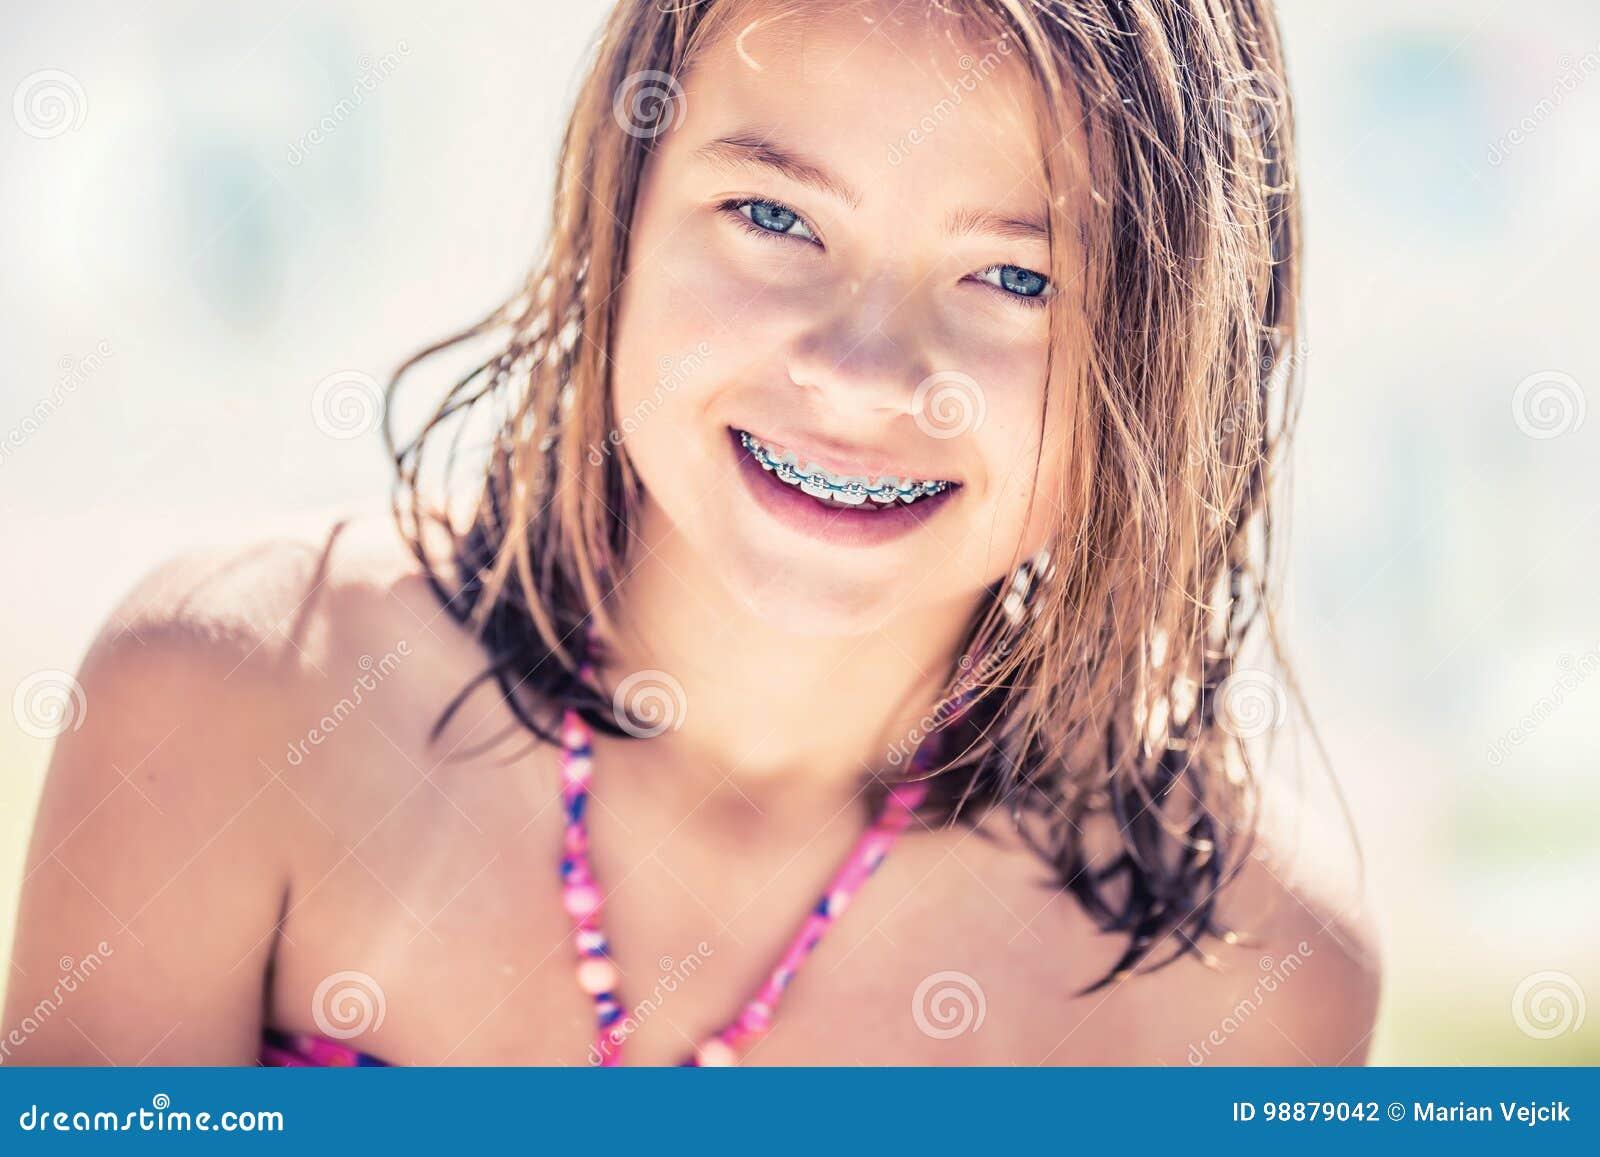 Tiny teen with braces